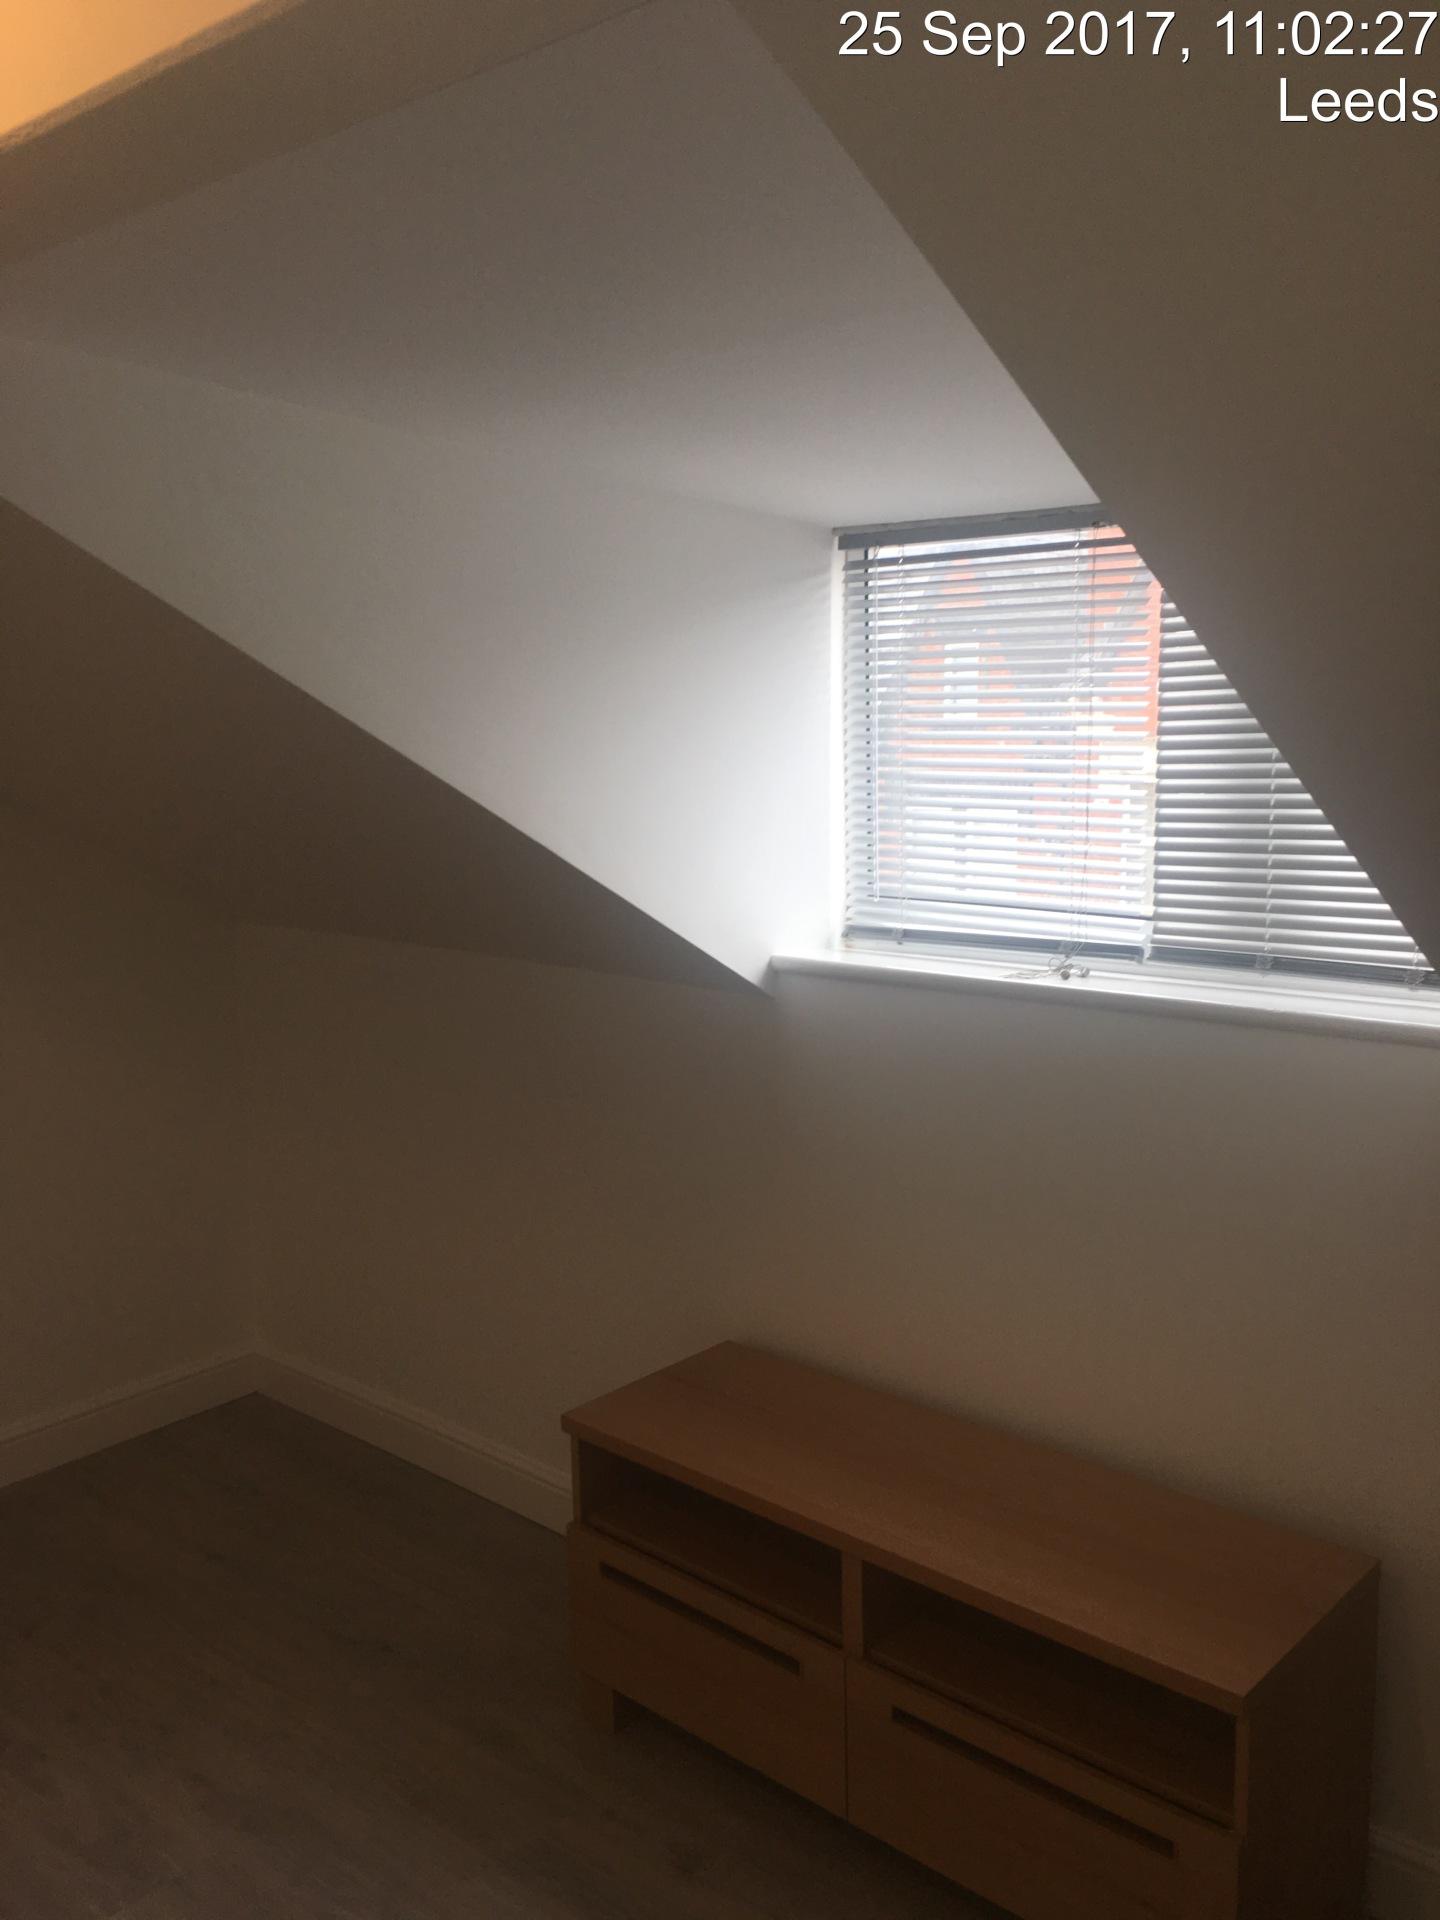 Room In roof Insulation - Leeds